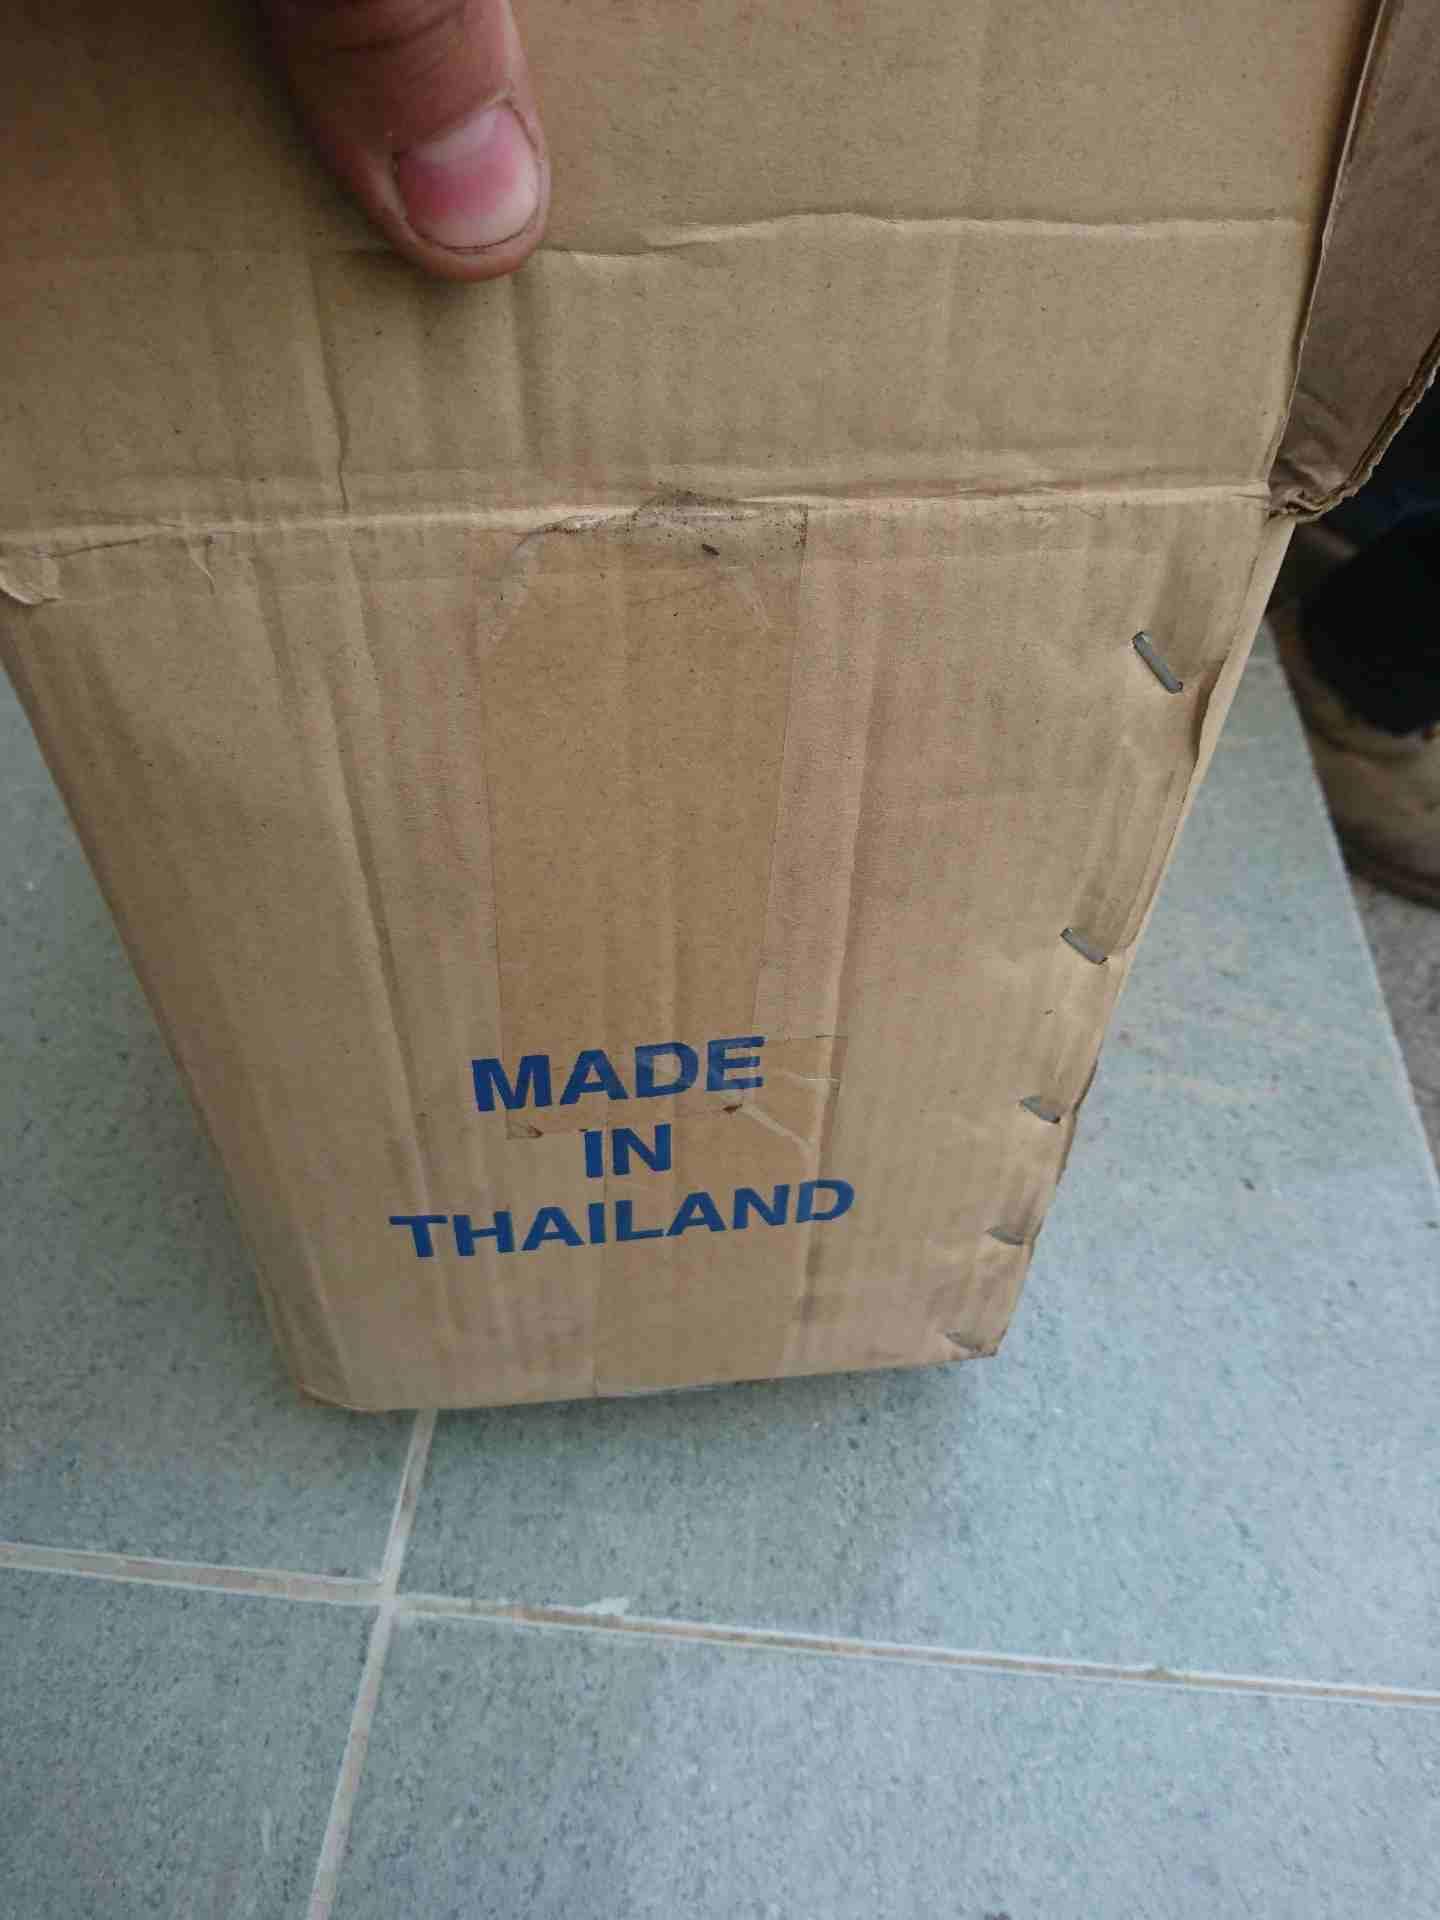 برنامج C9 للتنحيف من شركة فوريفر الامريكية مستخلص طبيعي 100% من نبتة الصبار (الالوفيرا) -  فحم جوز هند تايلندي لا...